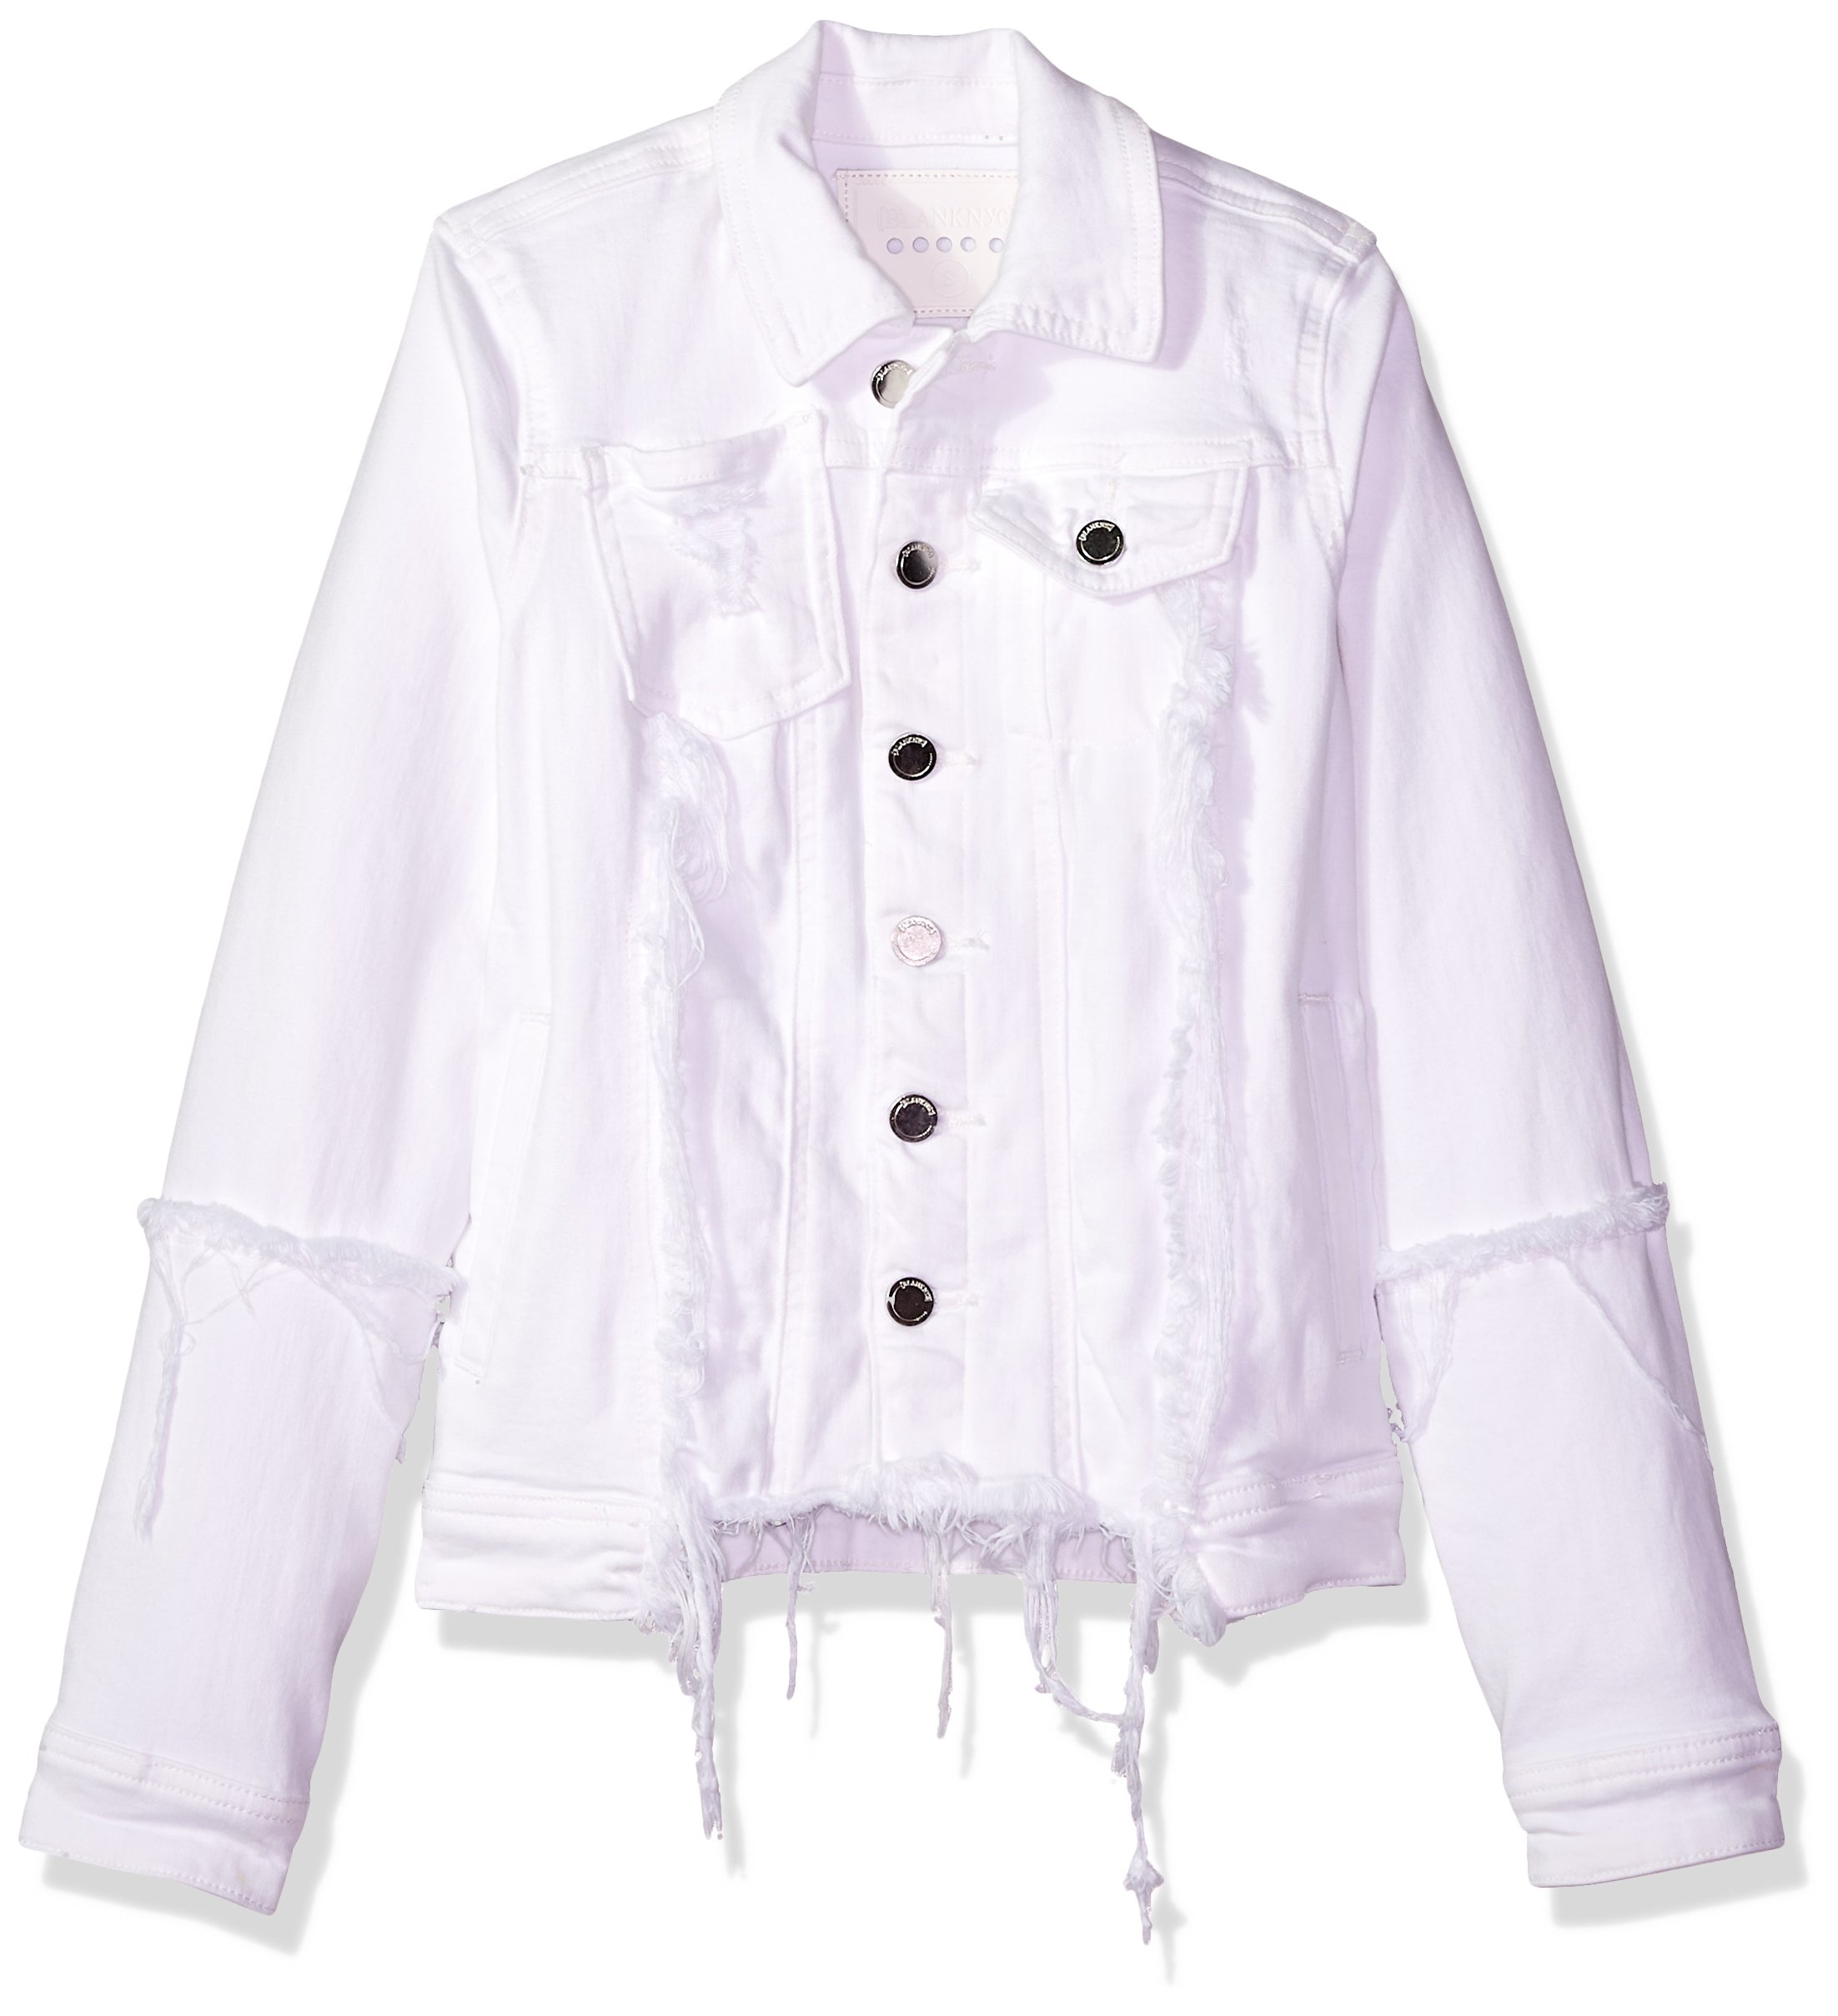 [BLANKNYC] Big Girl's Jacket Outerwear, Heartbreaker, XL